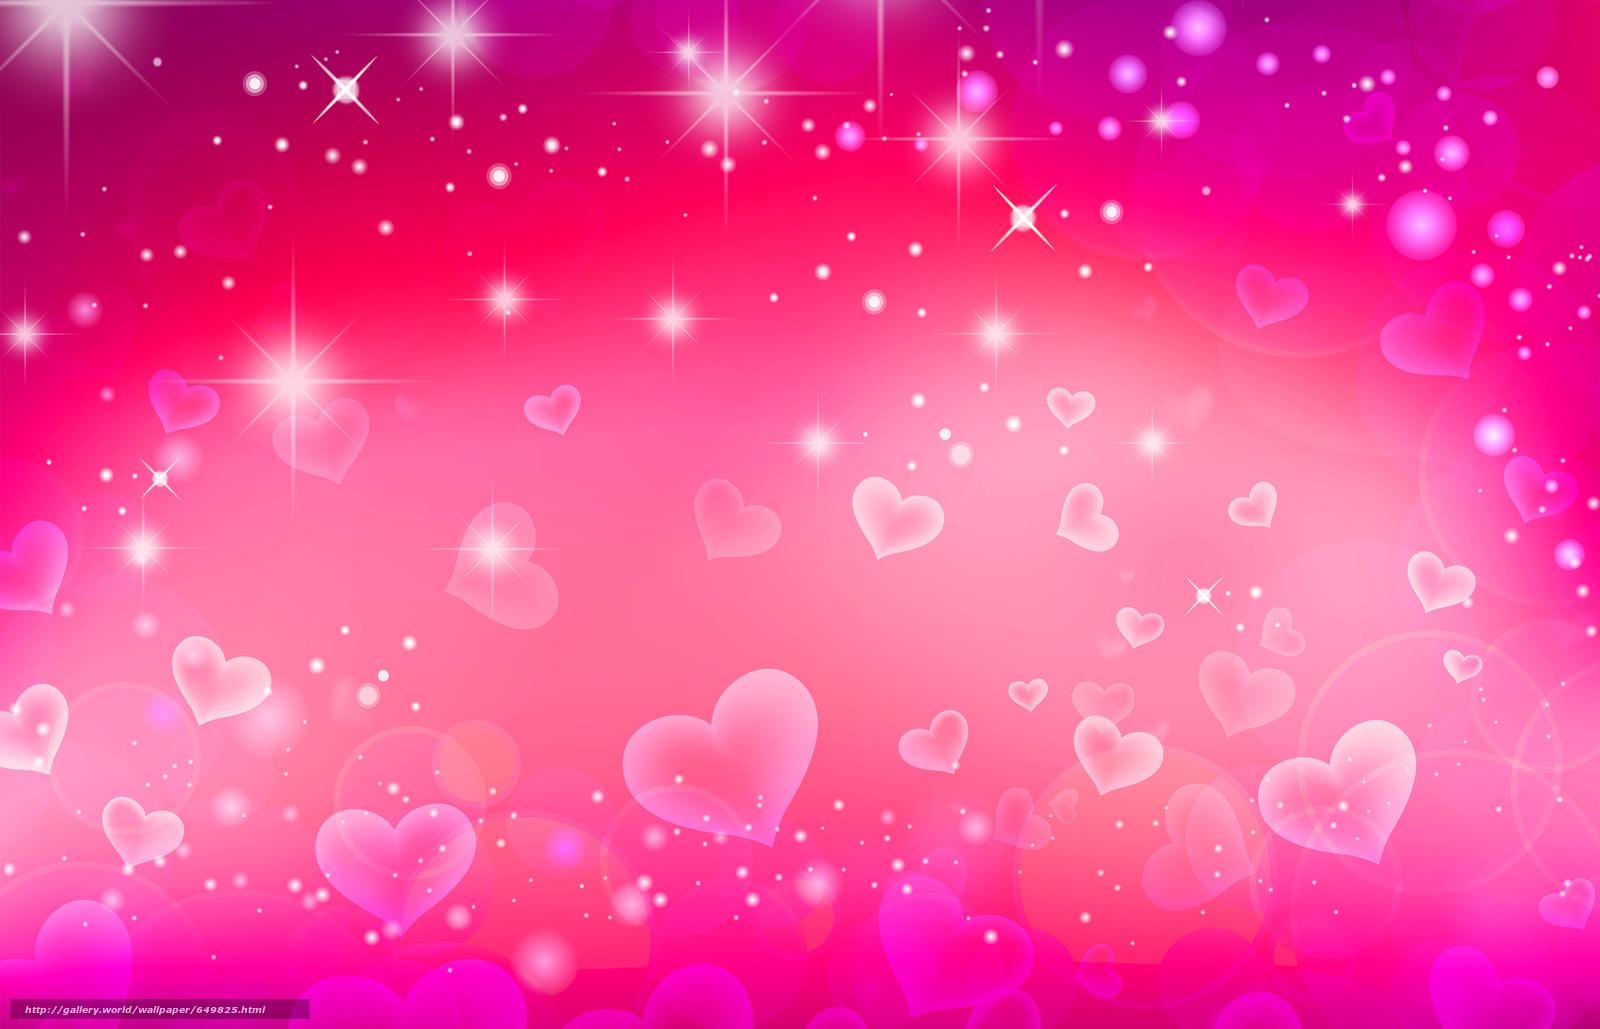 Скачать обои Валентинки,  Валентинка,  День святого Валентина,  день влюблённых бесплатно для рабочего стола в разрешении 6000x3857 — картинка №649825